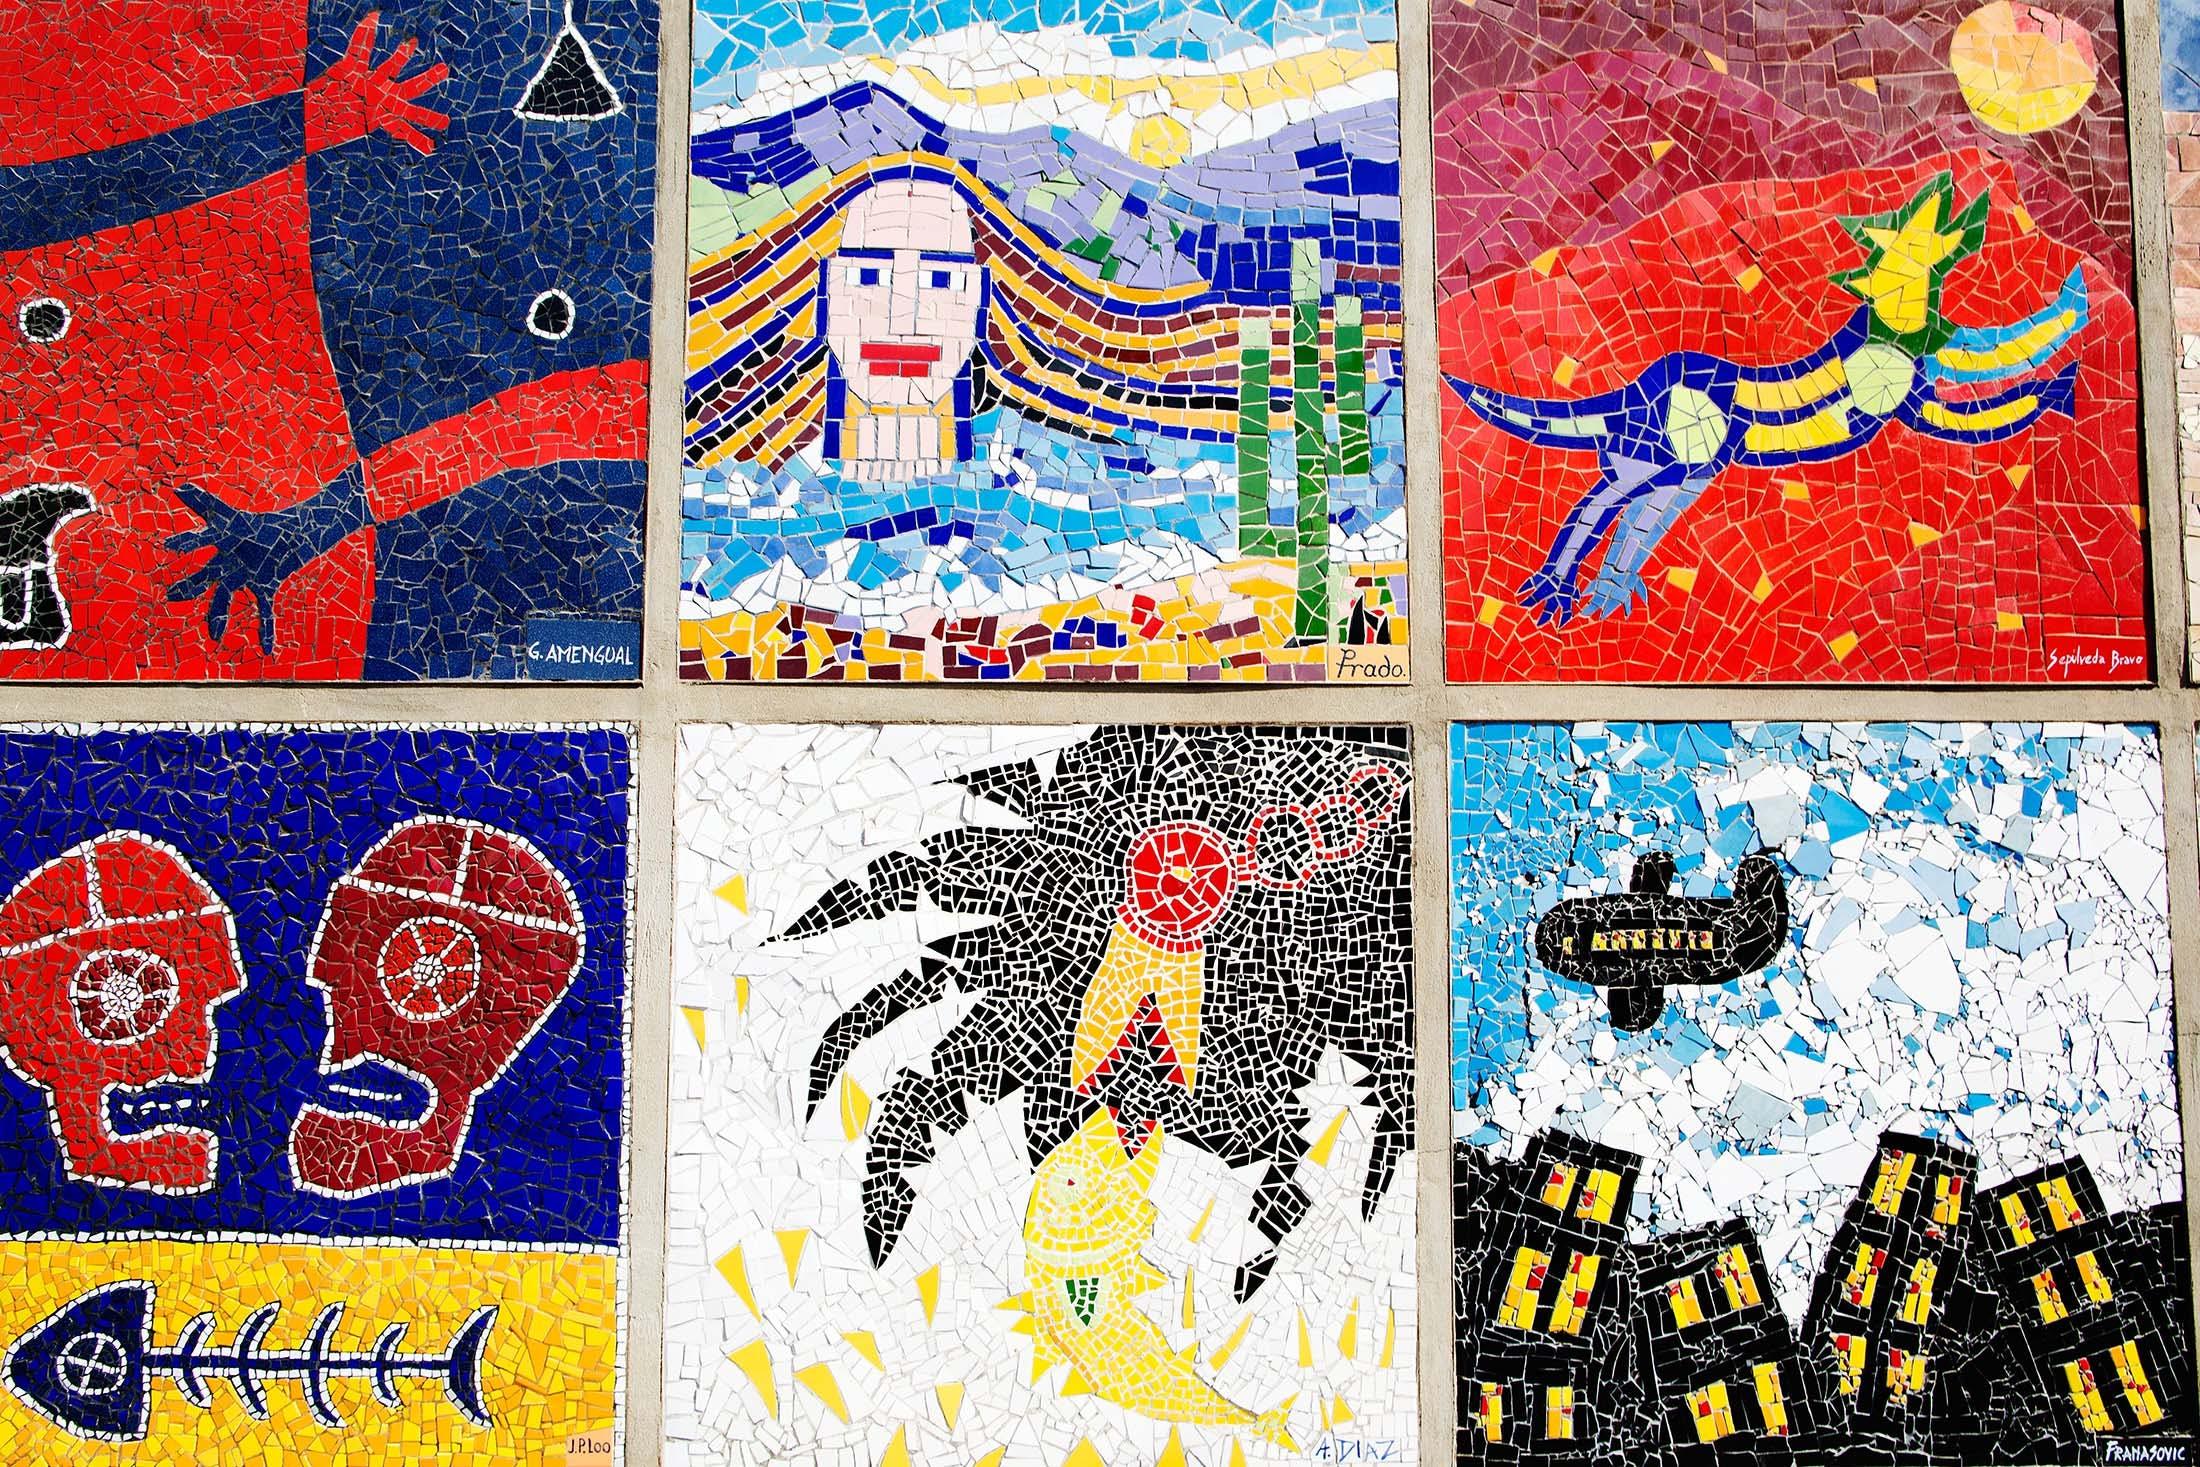 Artistic murals of Antofagasta, Chile